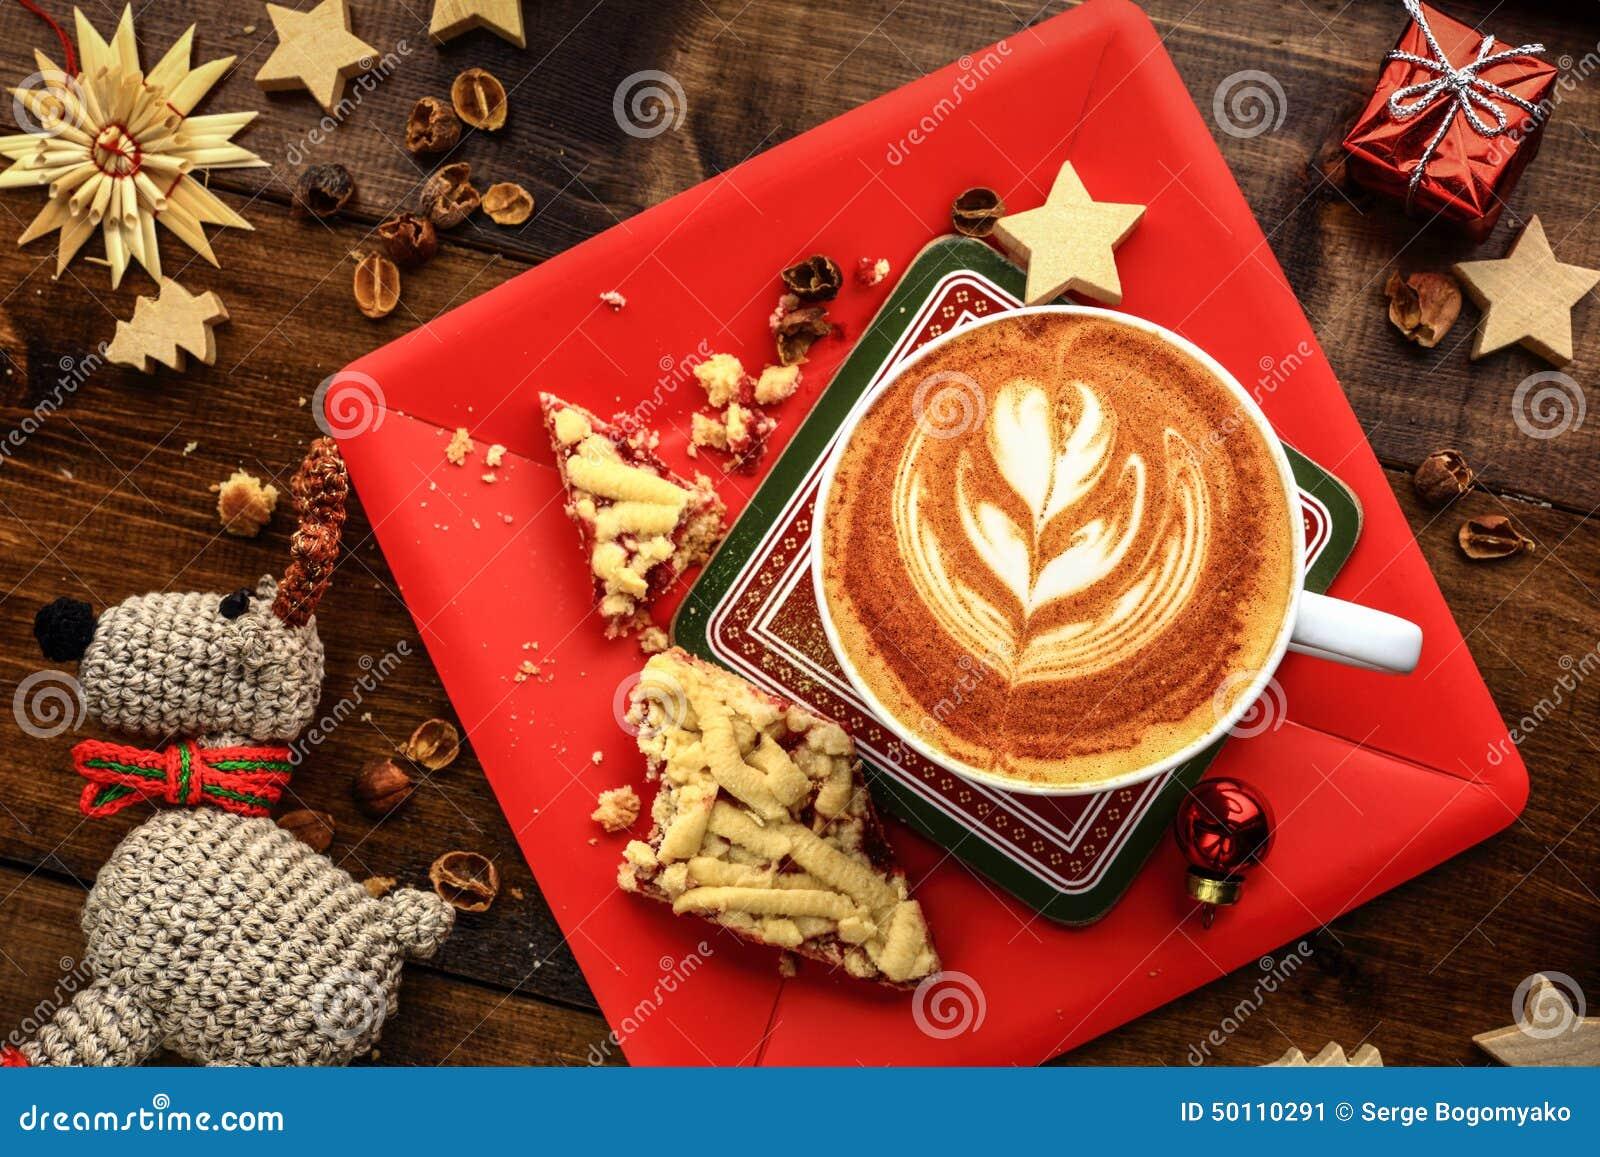 Lundi 25 décembre  Petit-d%C3%A9jeuner-de-no%C3%ABl-50110291